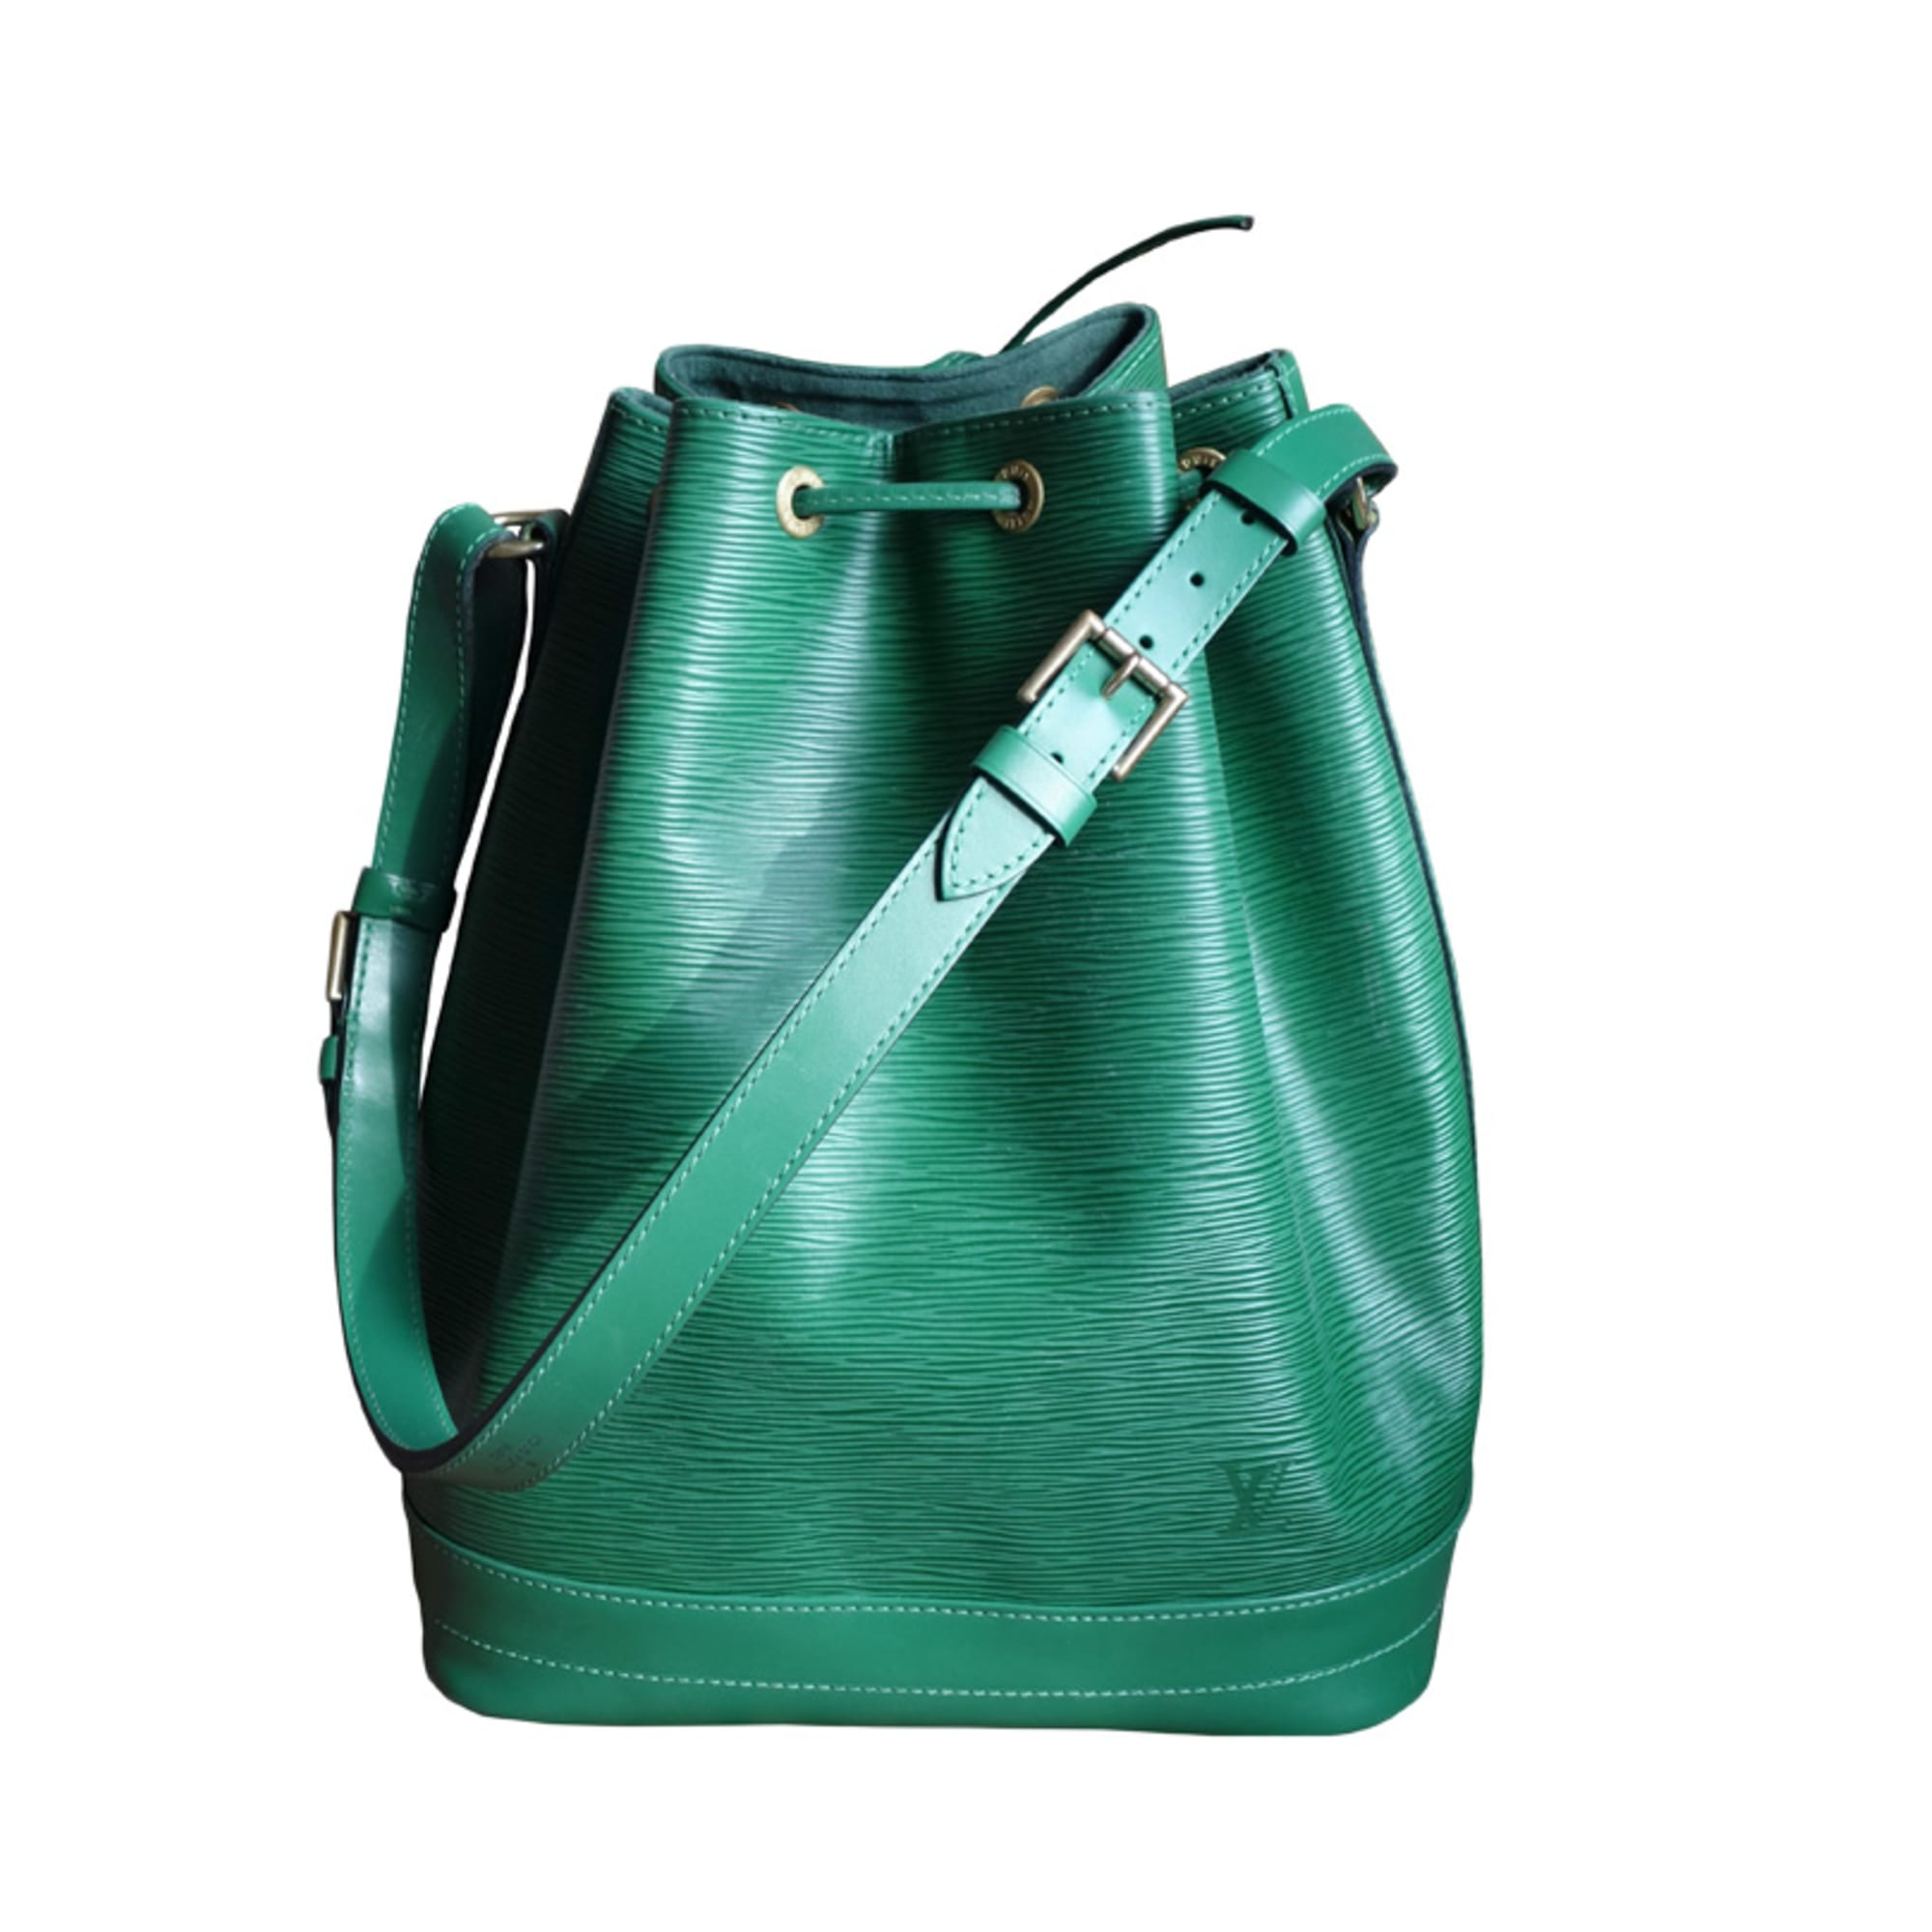 432b1da6d106 Sac en bandoulière en cuir LOUIS VUITTON vert vendu par L accro du ...